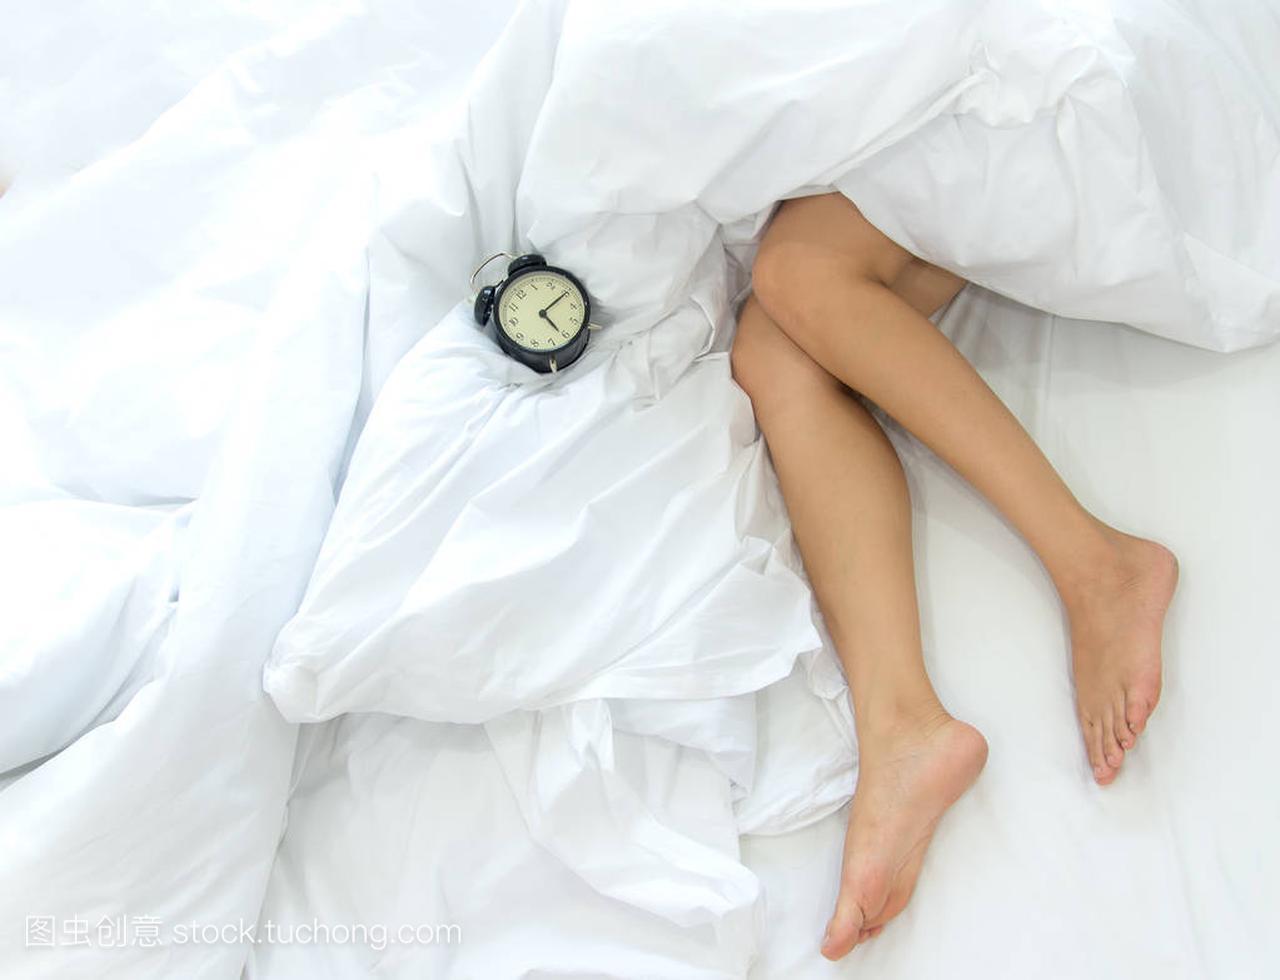 床上在两个镜头性感腿的名字女人。女性懒惰的女生的特写闹钟图片